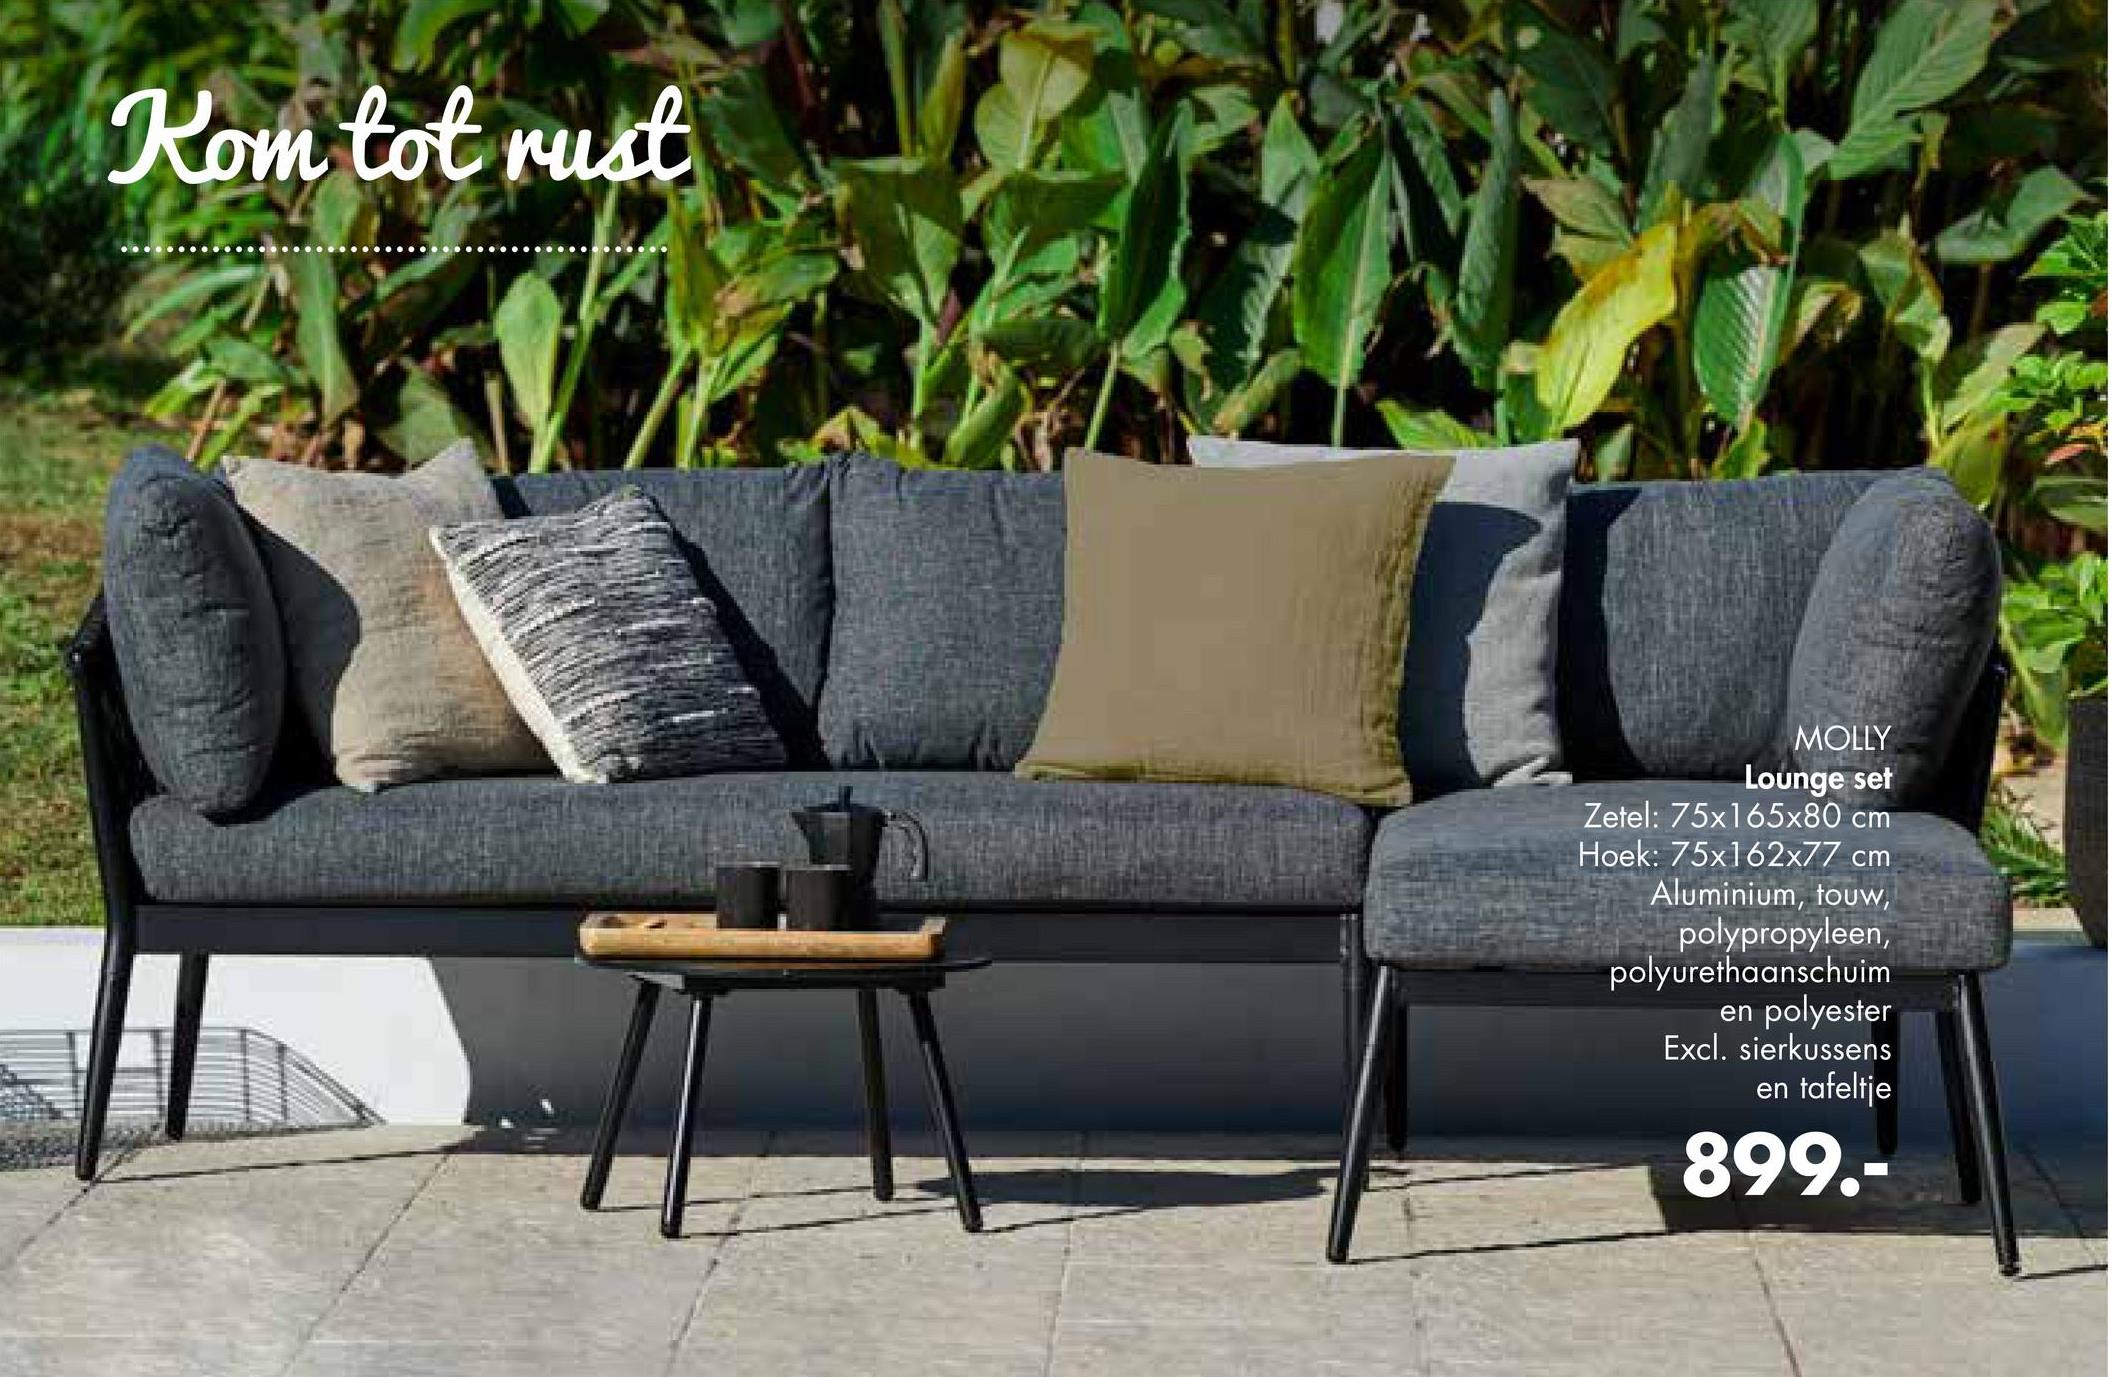 Kom tot rust ..................................... MOLLY Lounge set Zetel: 75x165x80 cm Hoek: 75x162x77 cm Aluminium, touw, polypropyleen, polyurethaanschuim en polyester Excl. sierkussens en tafeltje 899.-